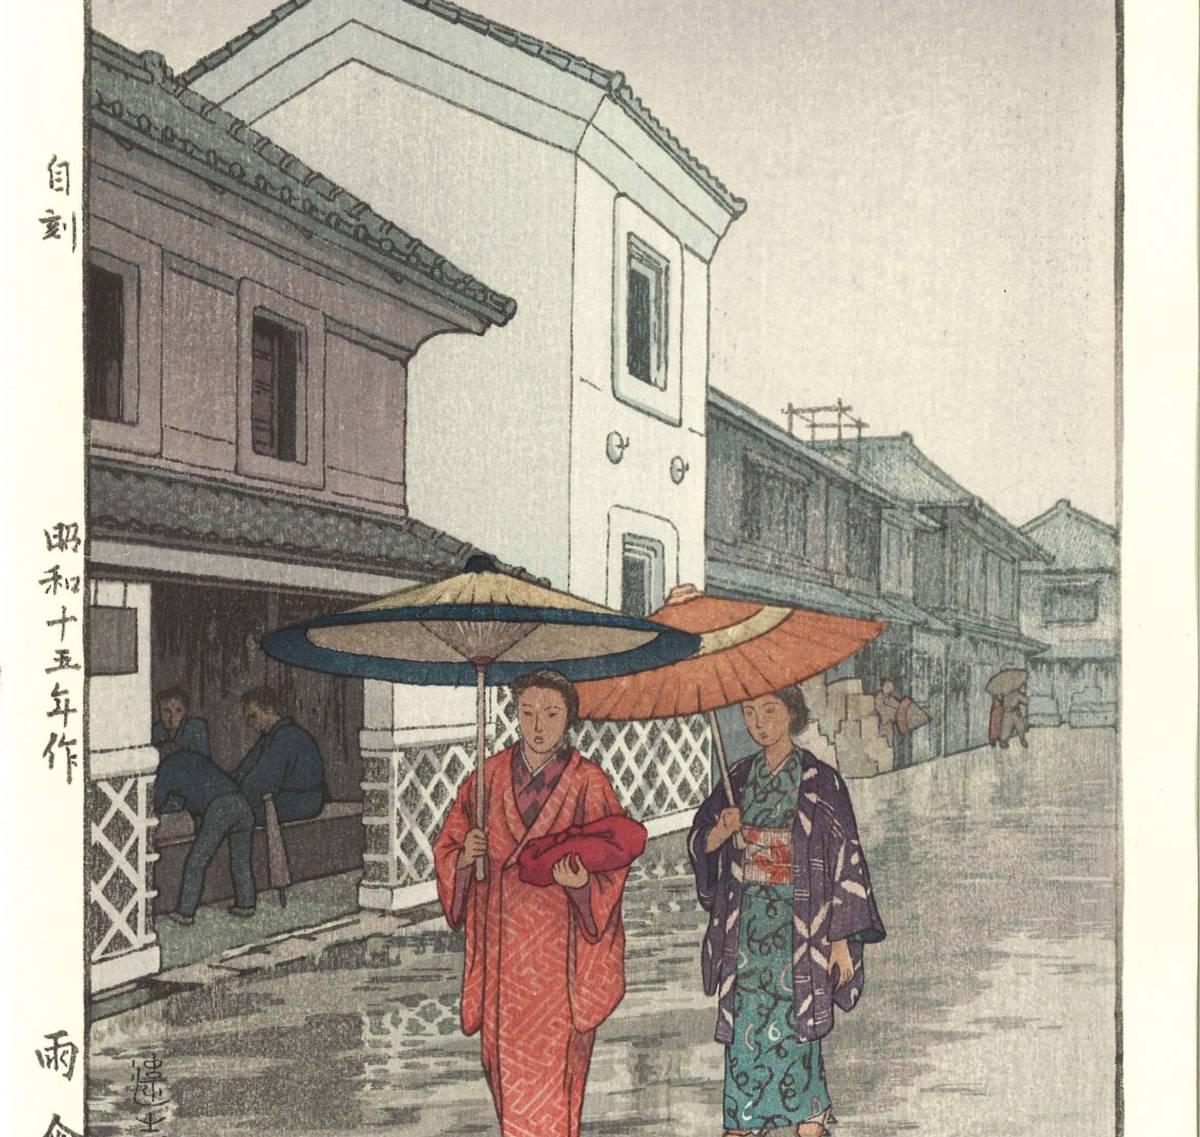 吉田遠志 木版画 014002 雨傘 (Umbrella) 初摺1940年  最高峰の摺師の技をご堪能下さい!!_画像3